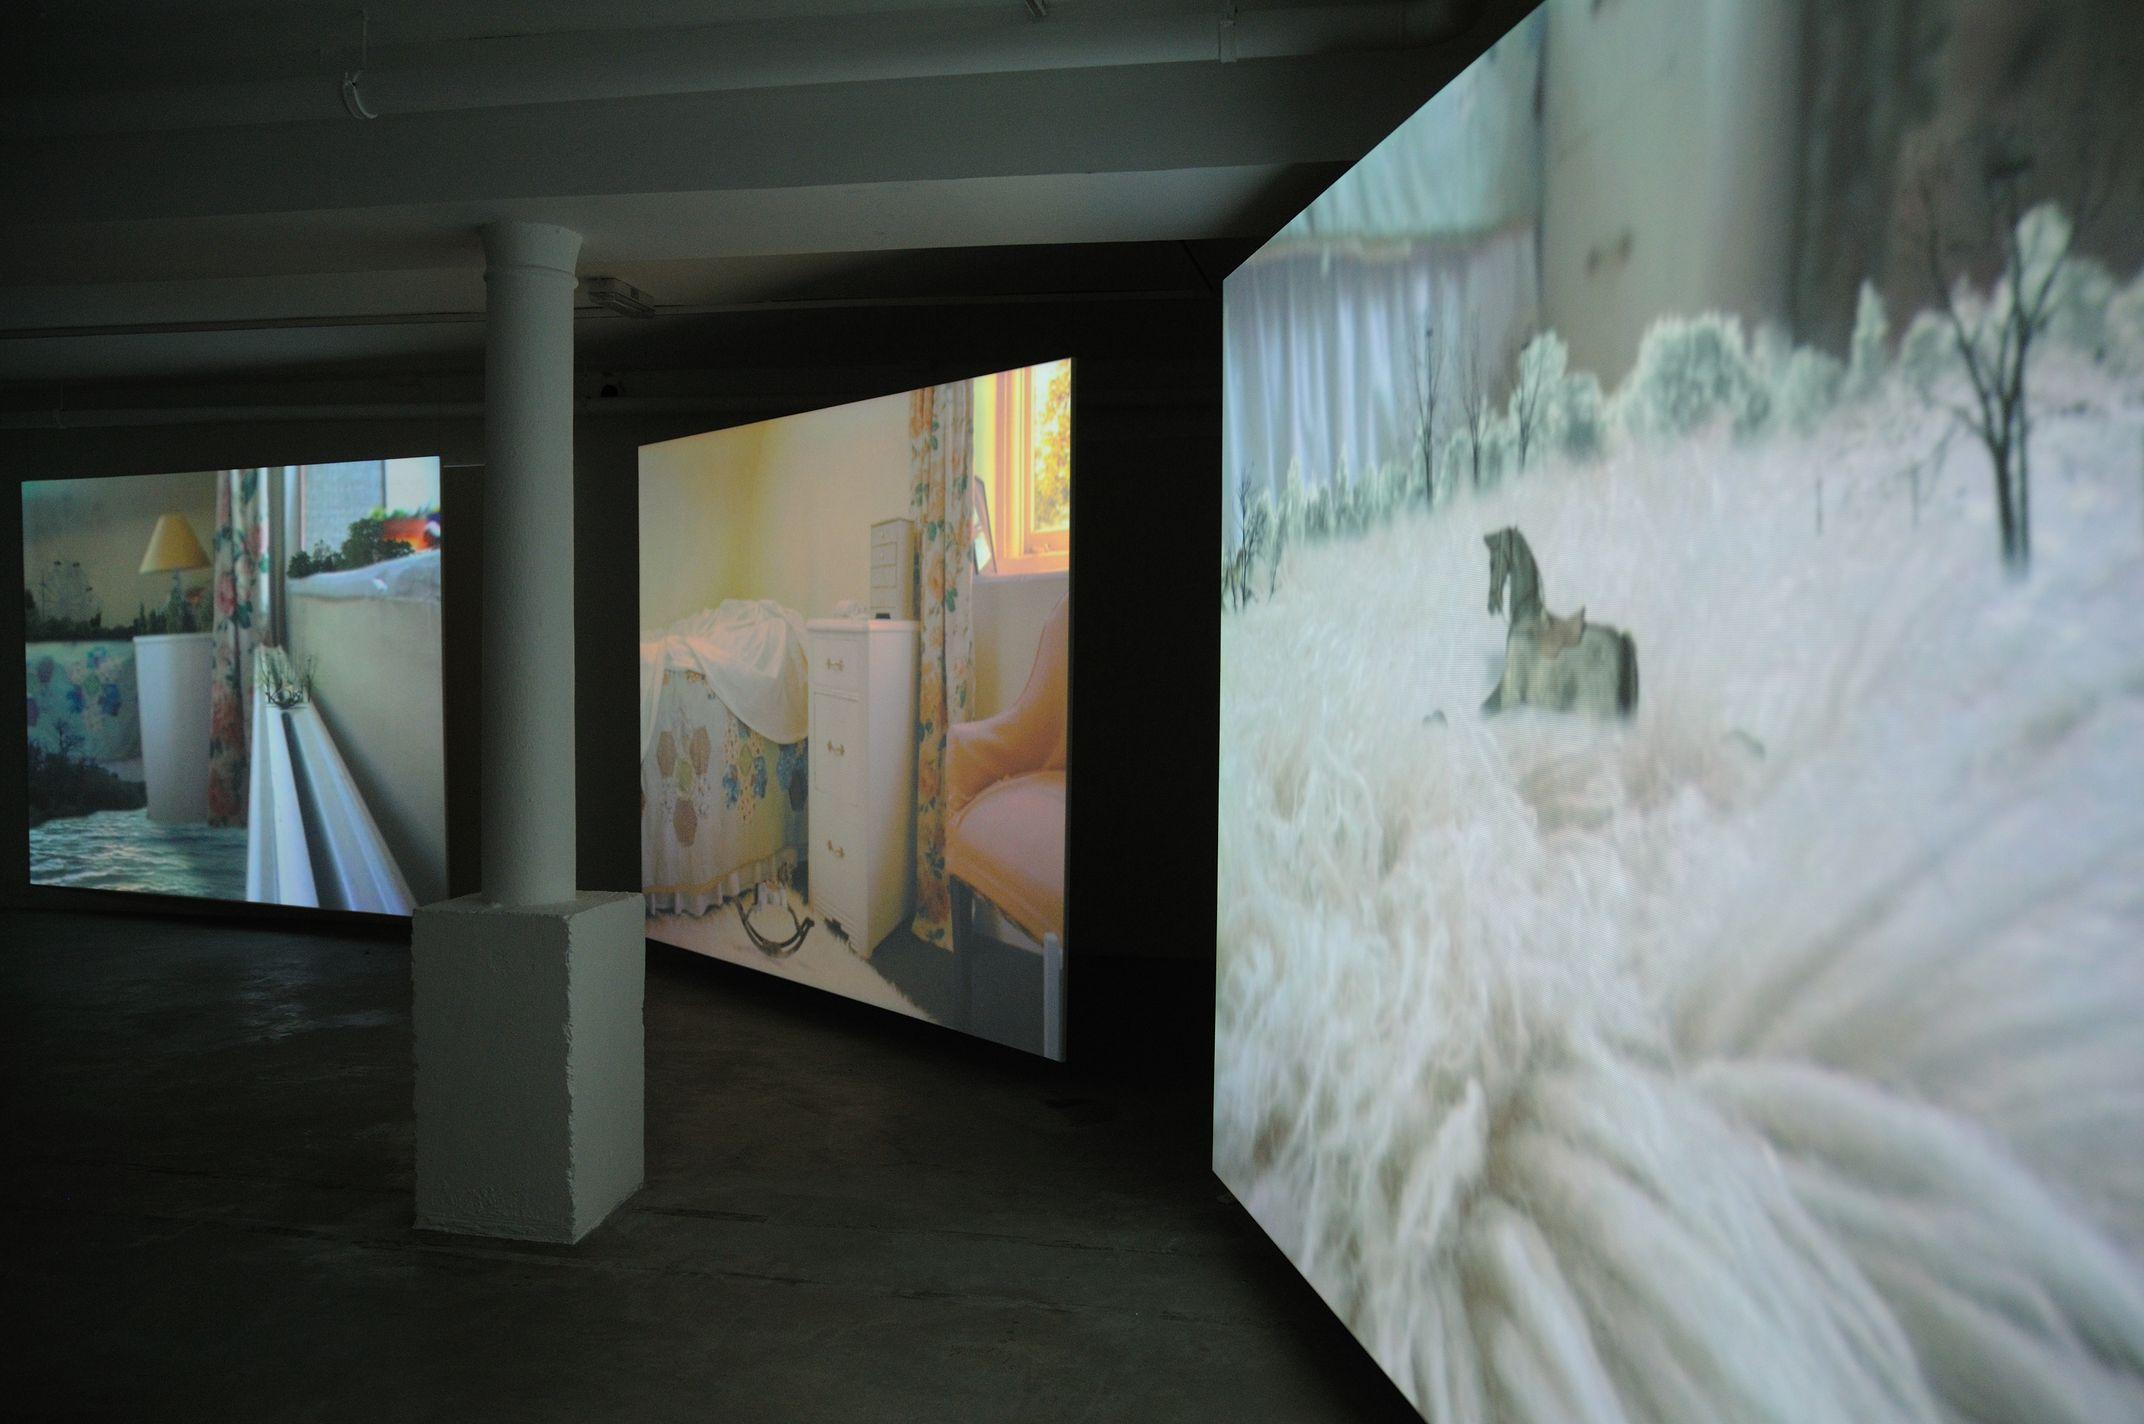 Hiraki Sawa exhibition at Void Gallery in Derry